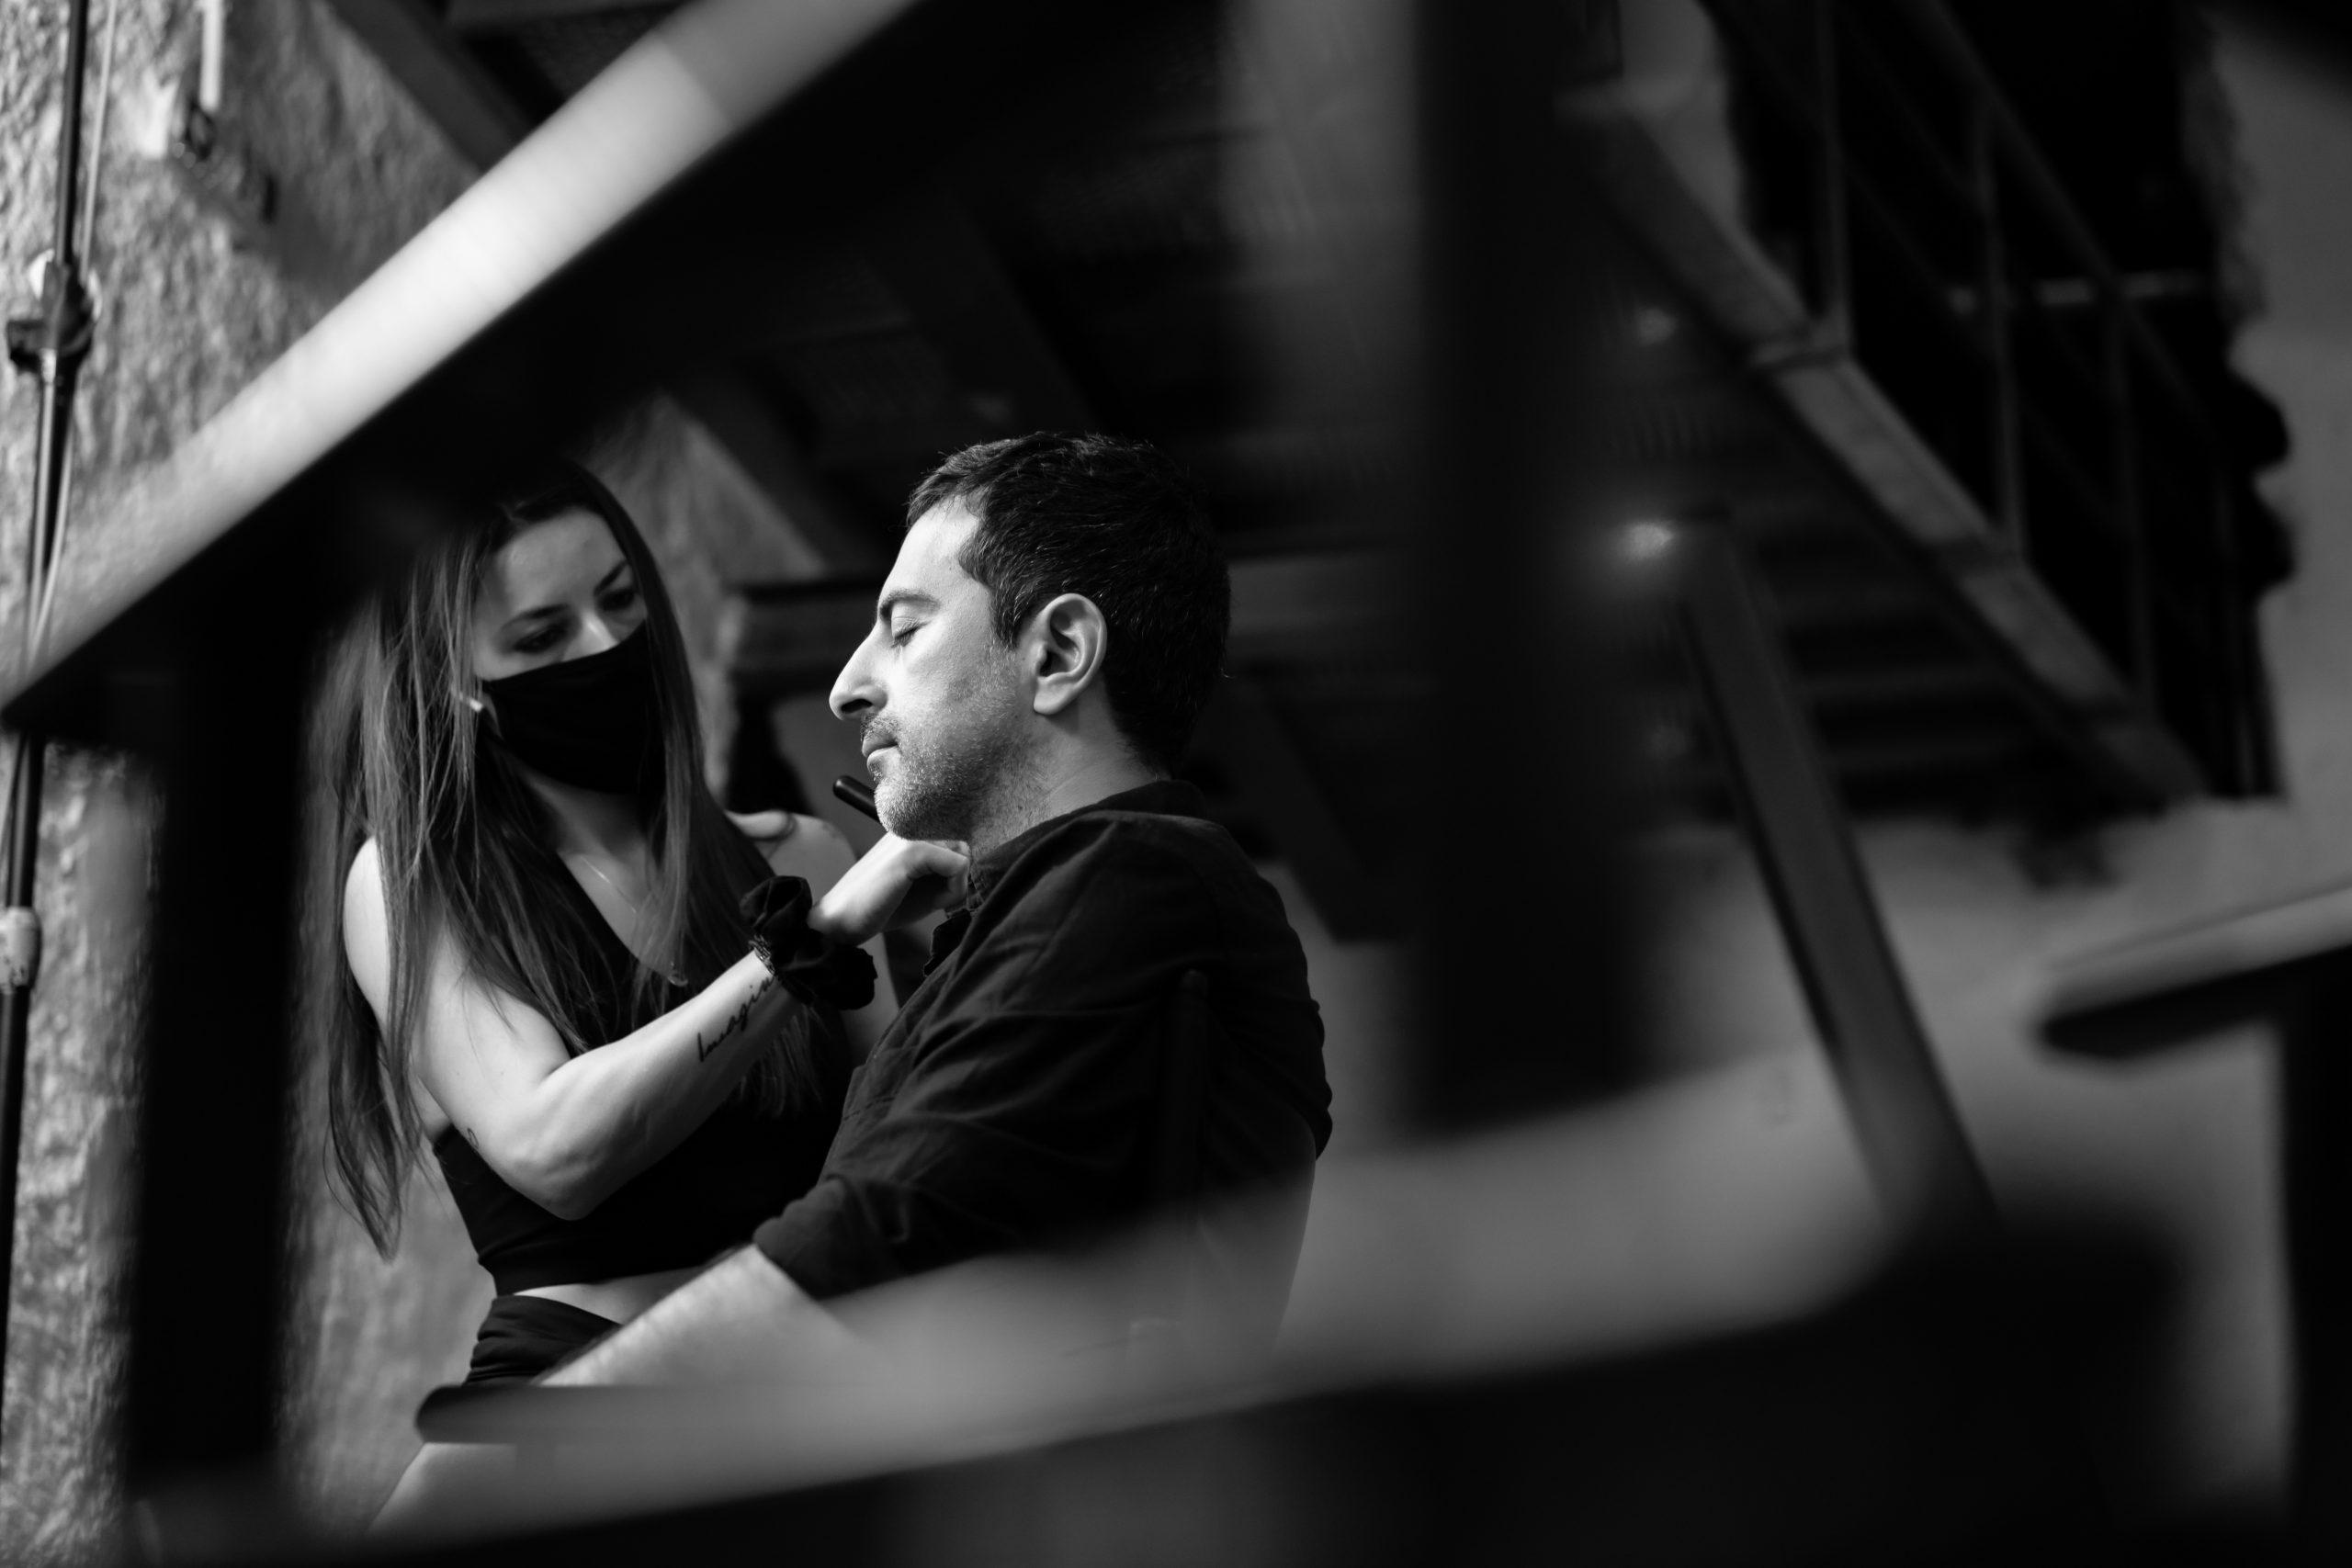 Σημείο Συνάντησης: Ευριδίκη & Κουδουνάρης - Αποκλειστικές φωτογραφίες